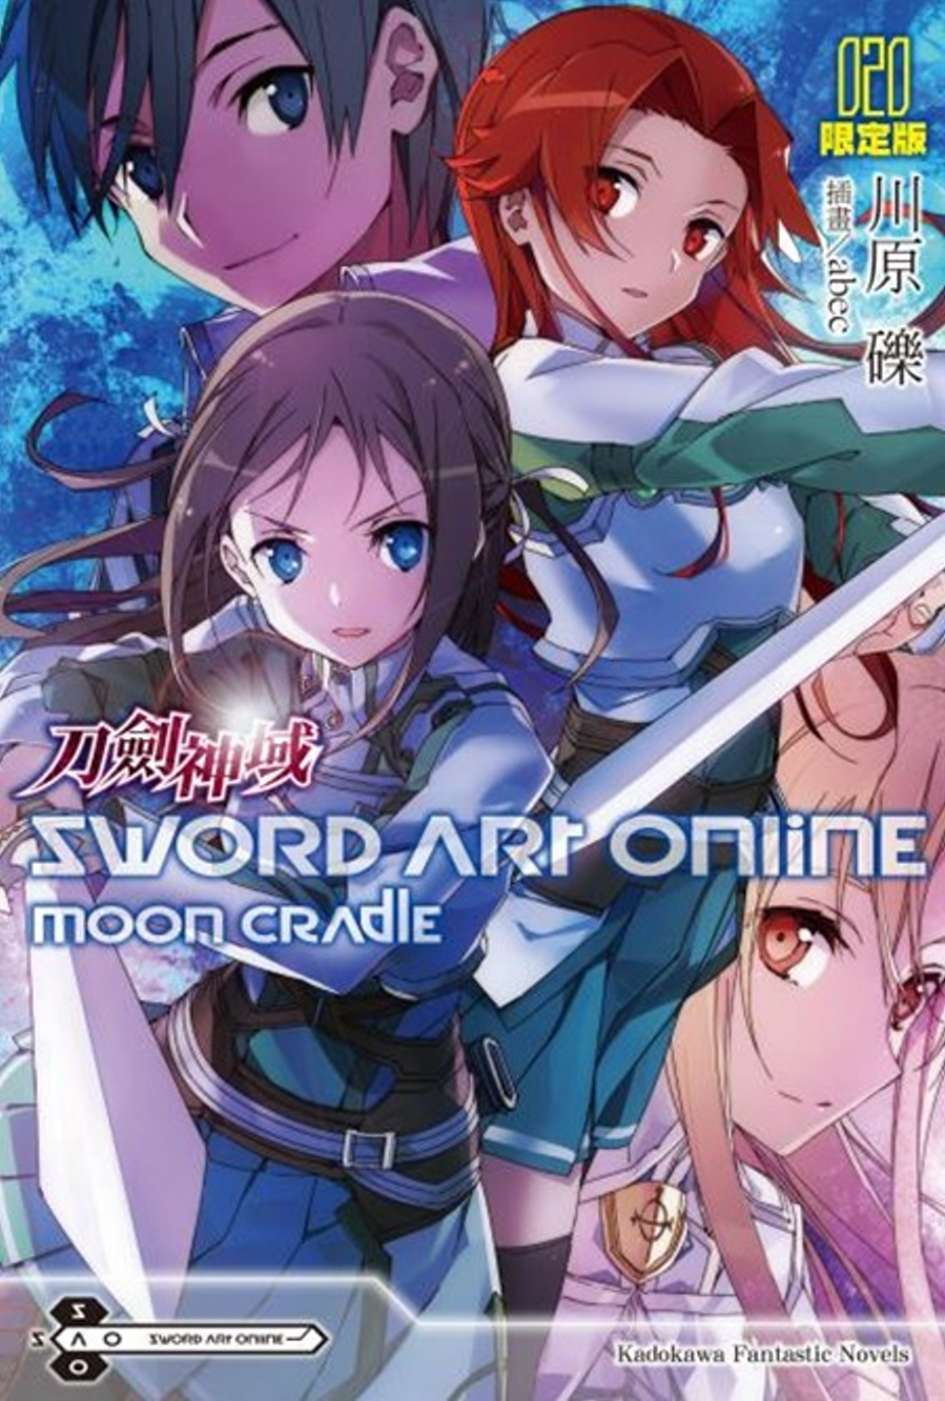 Sword Art Online 刀劍神域 (20) Moon cradle(限定版)